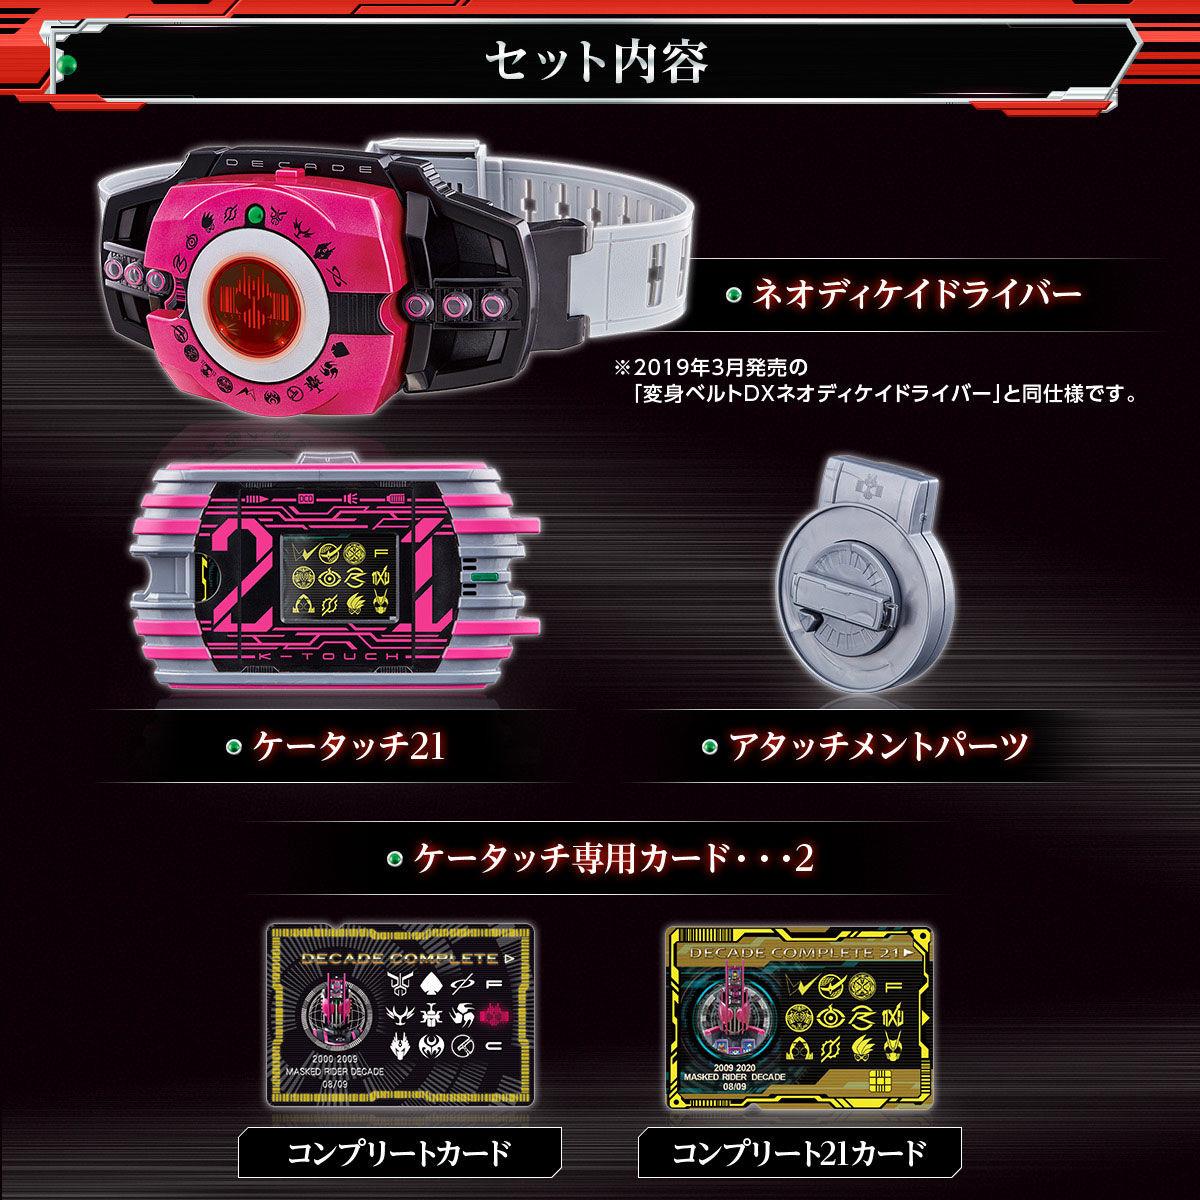 【限定販売】仮面ライダージオウ『DXネオディケイドライバー&ケータッチ21』変身ベルト-003